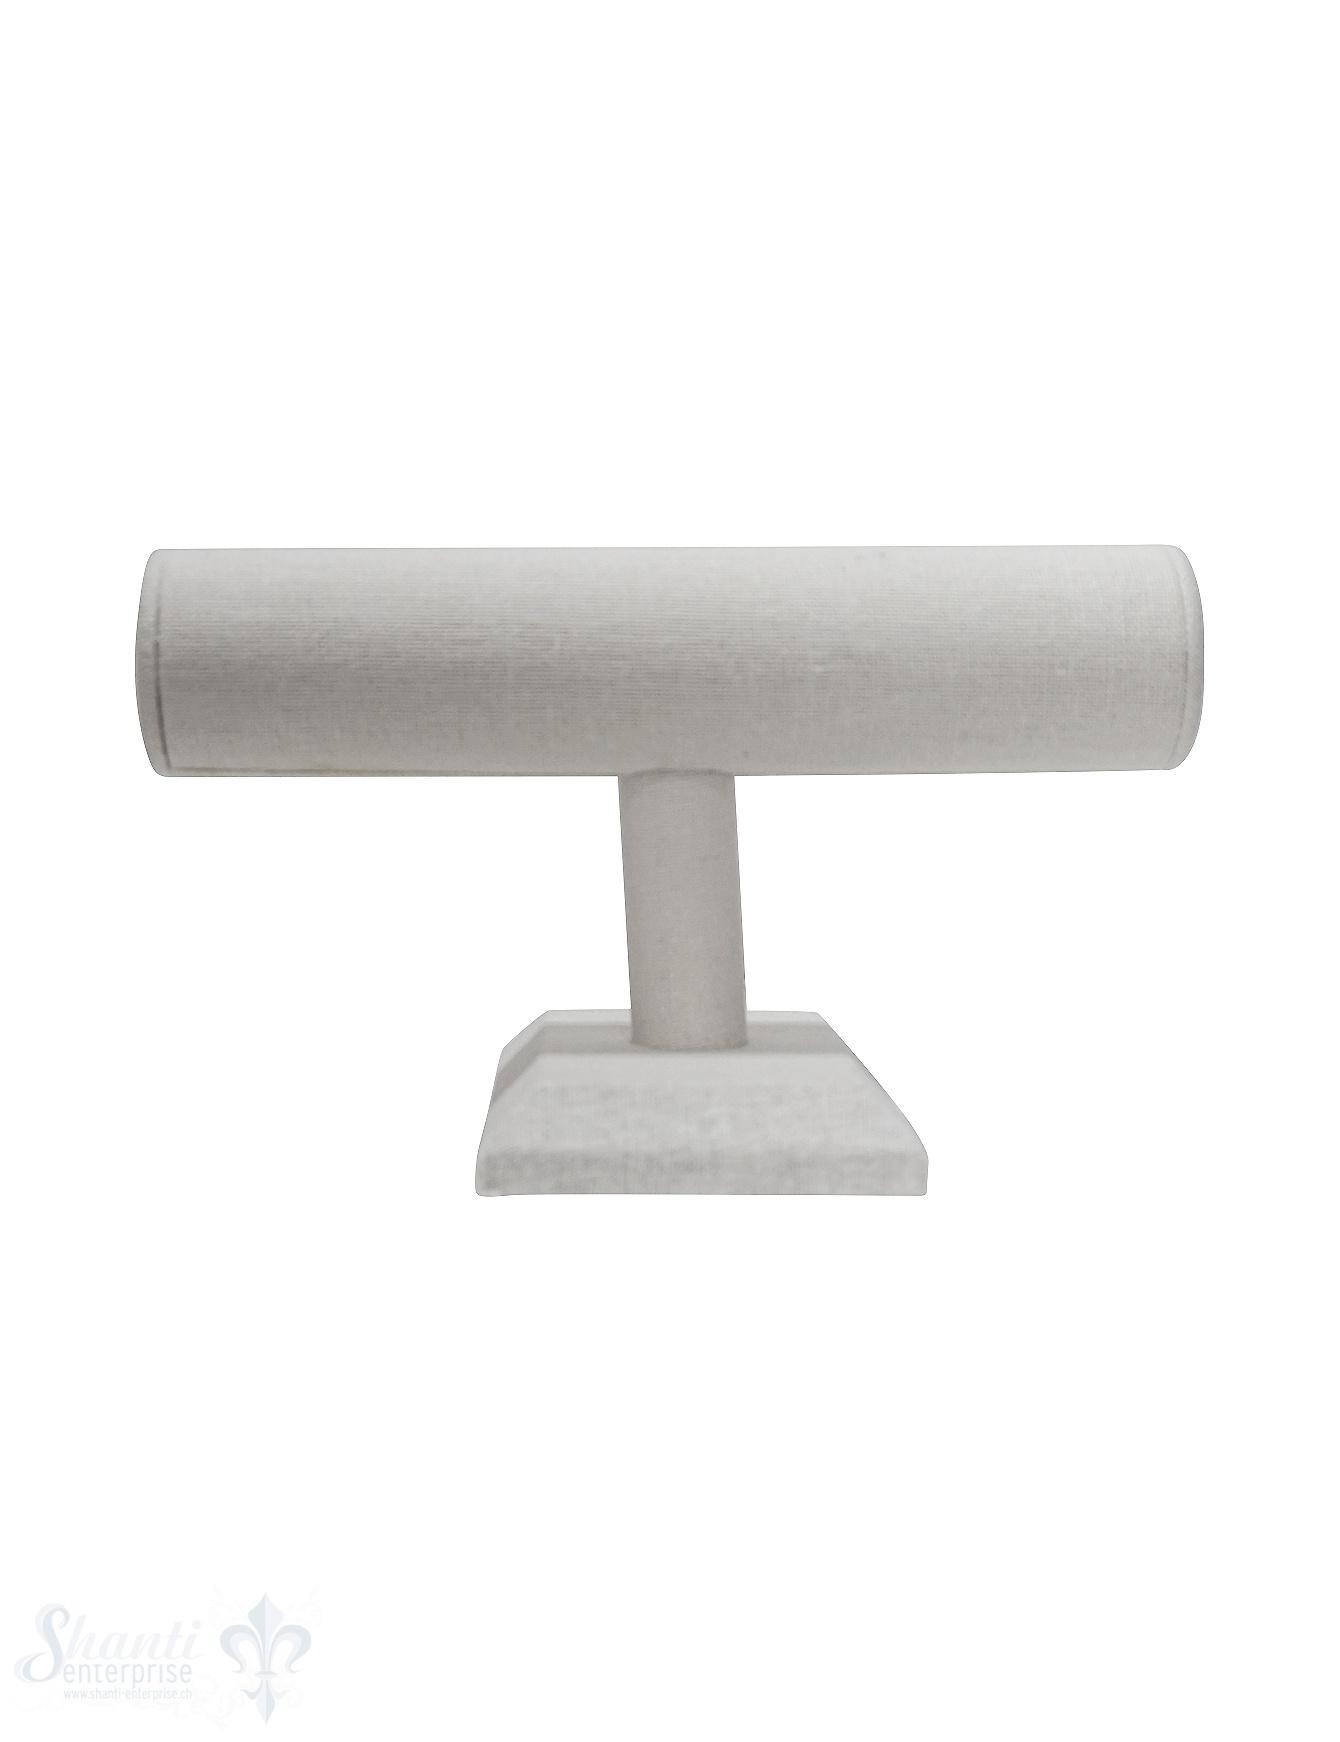 Display Leinen: Armband-Ständer einfach 60 mm 23x13 mm mit Fuss